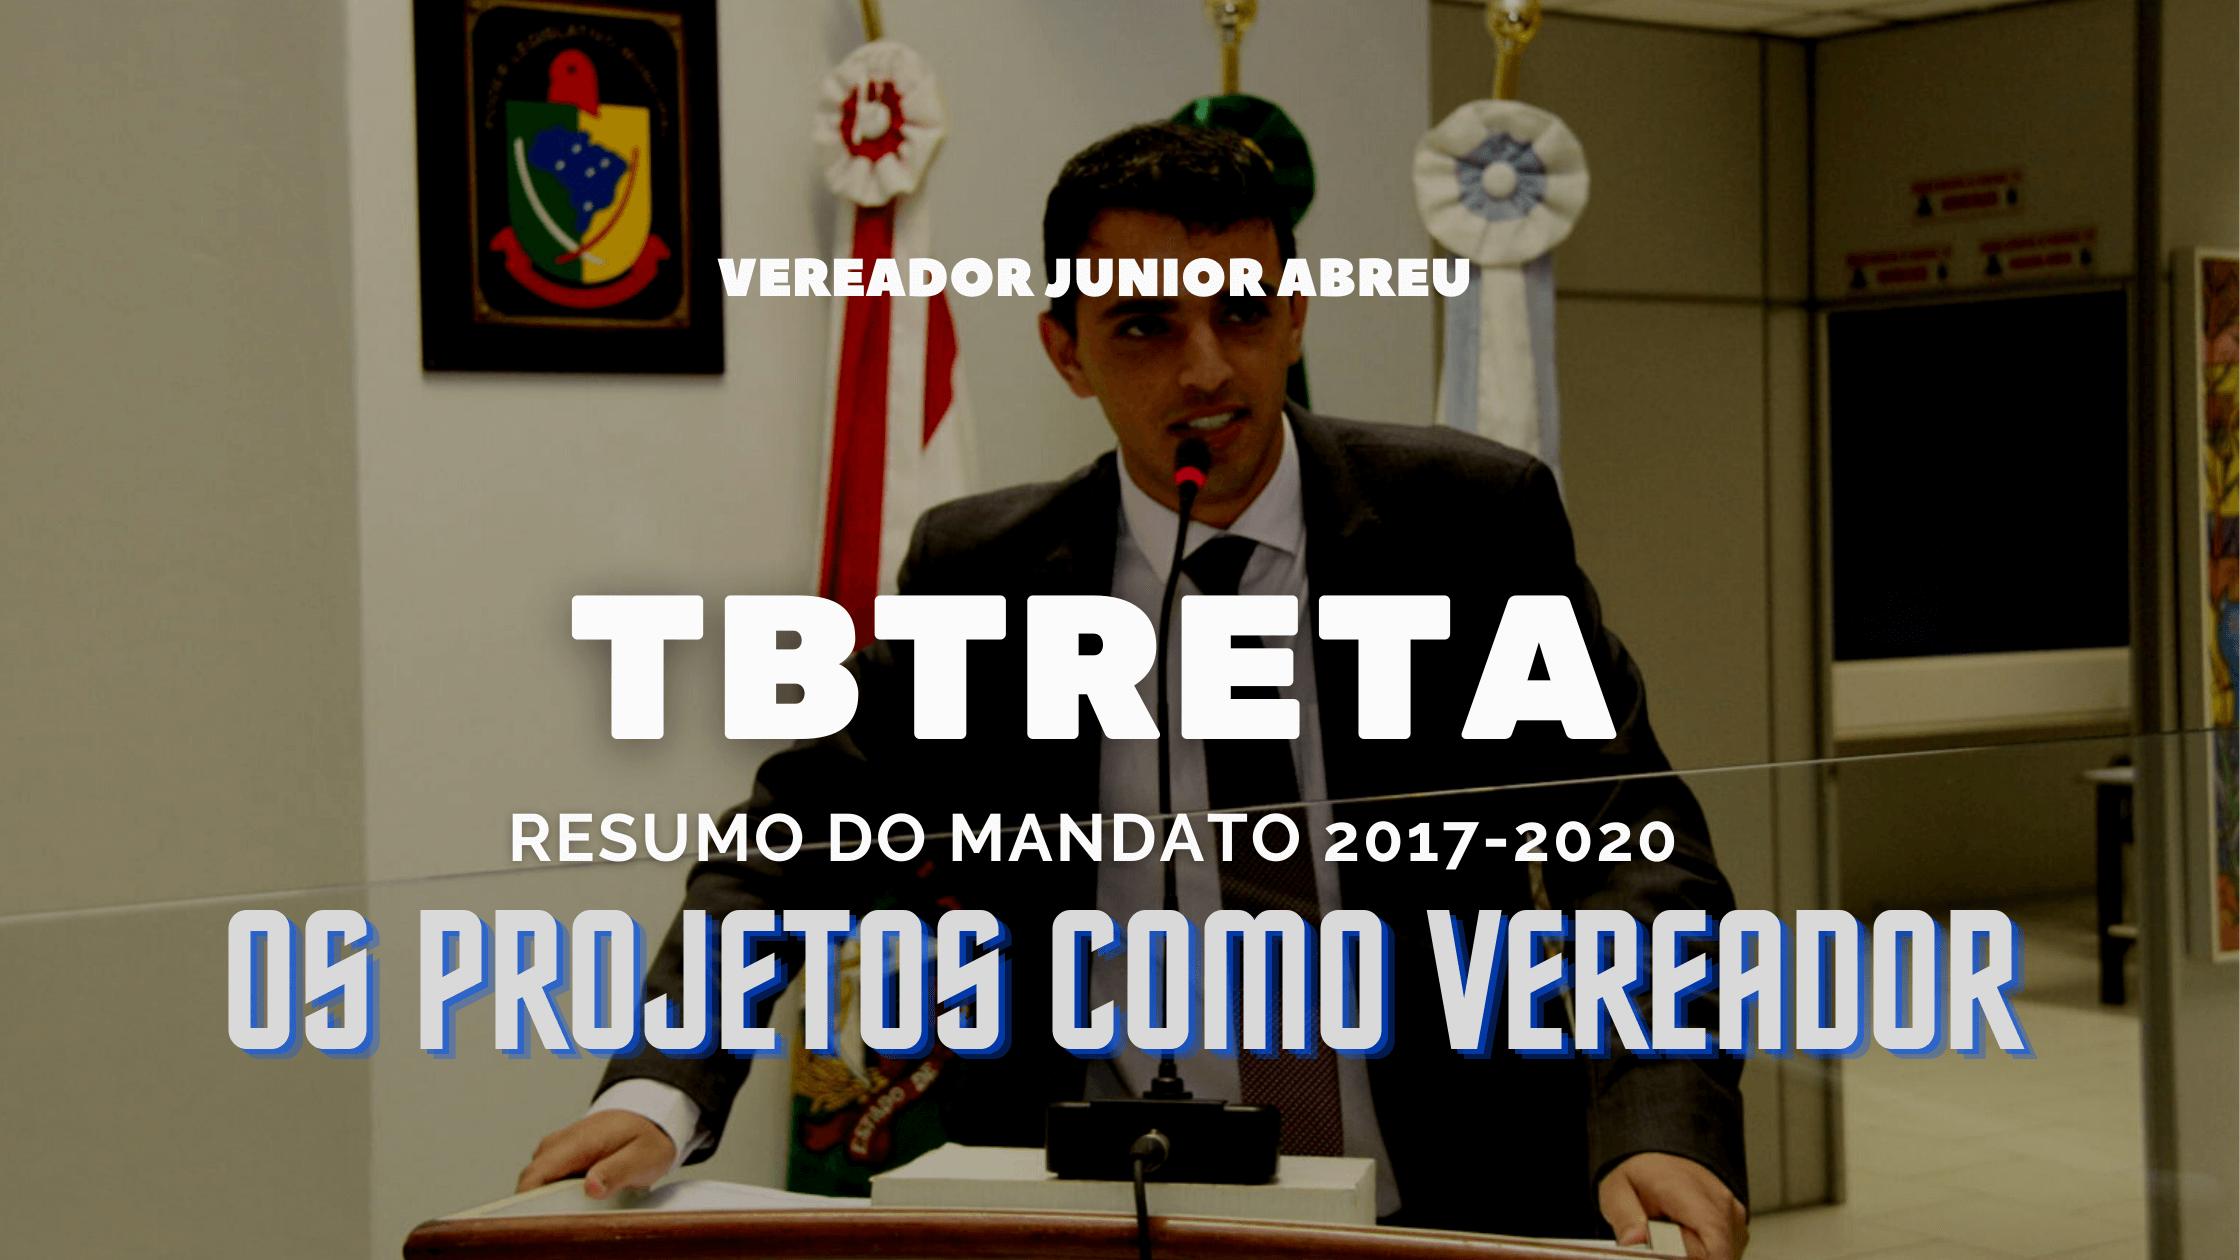 Os projetos como vereador – #TBTreta